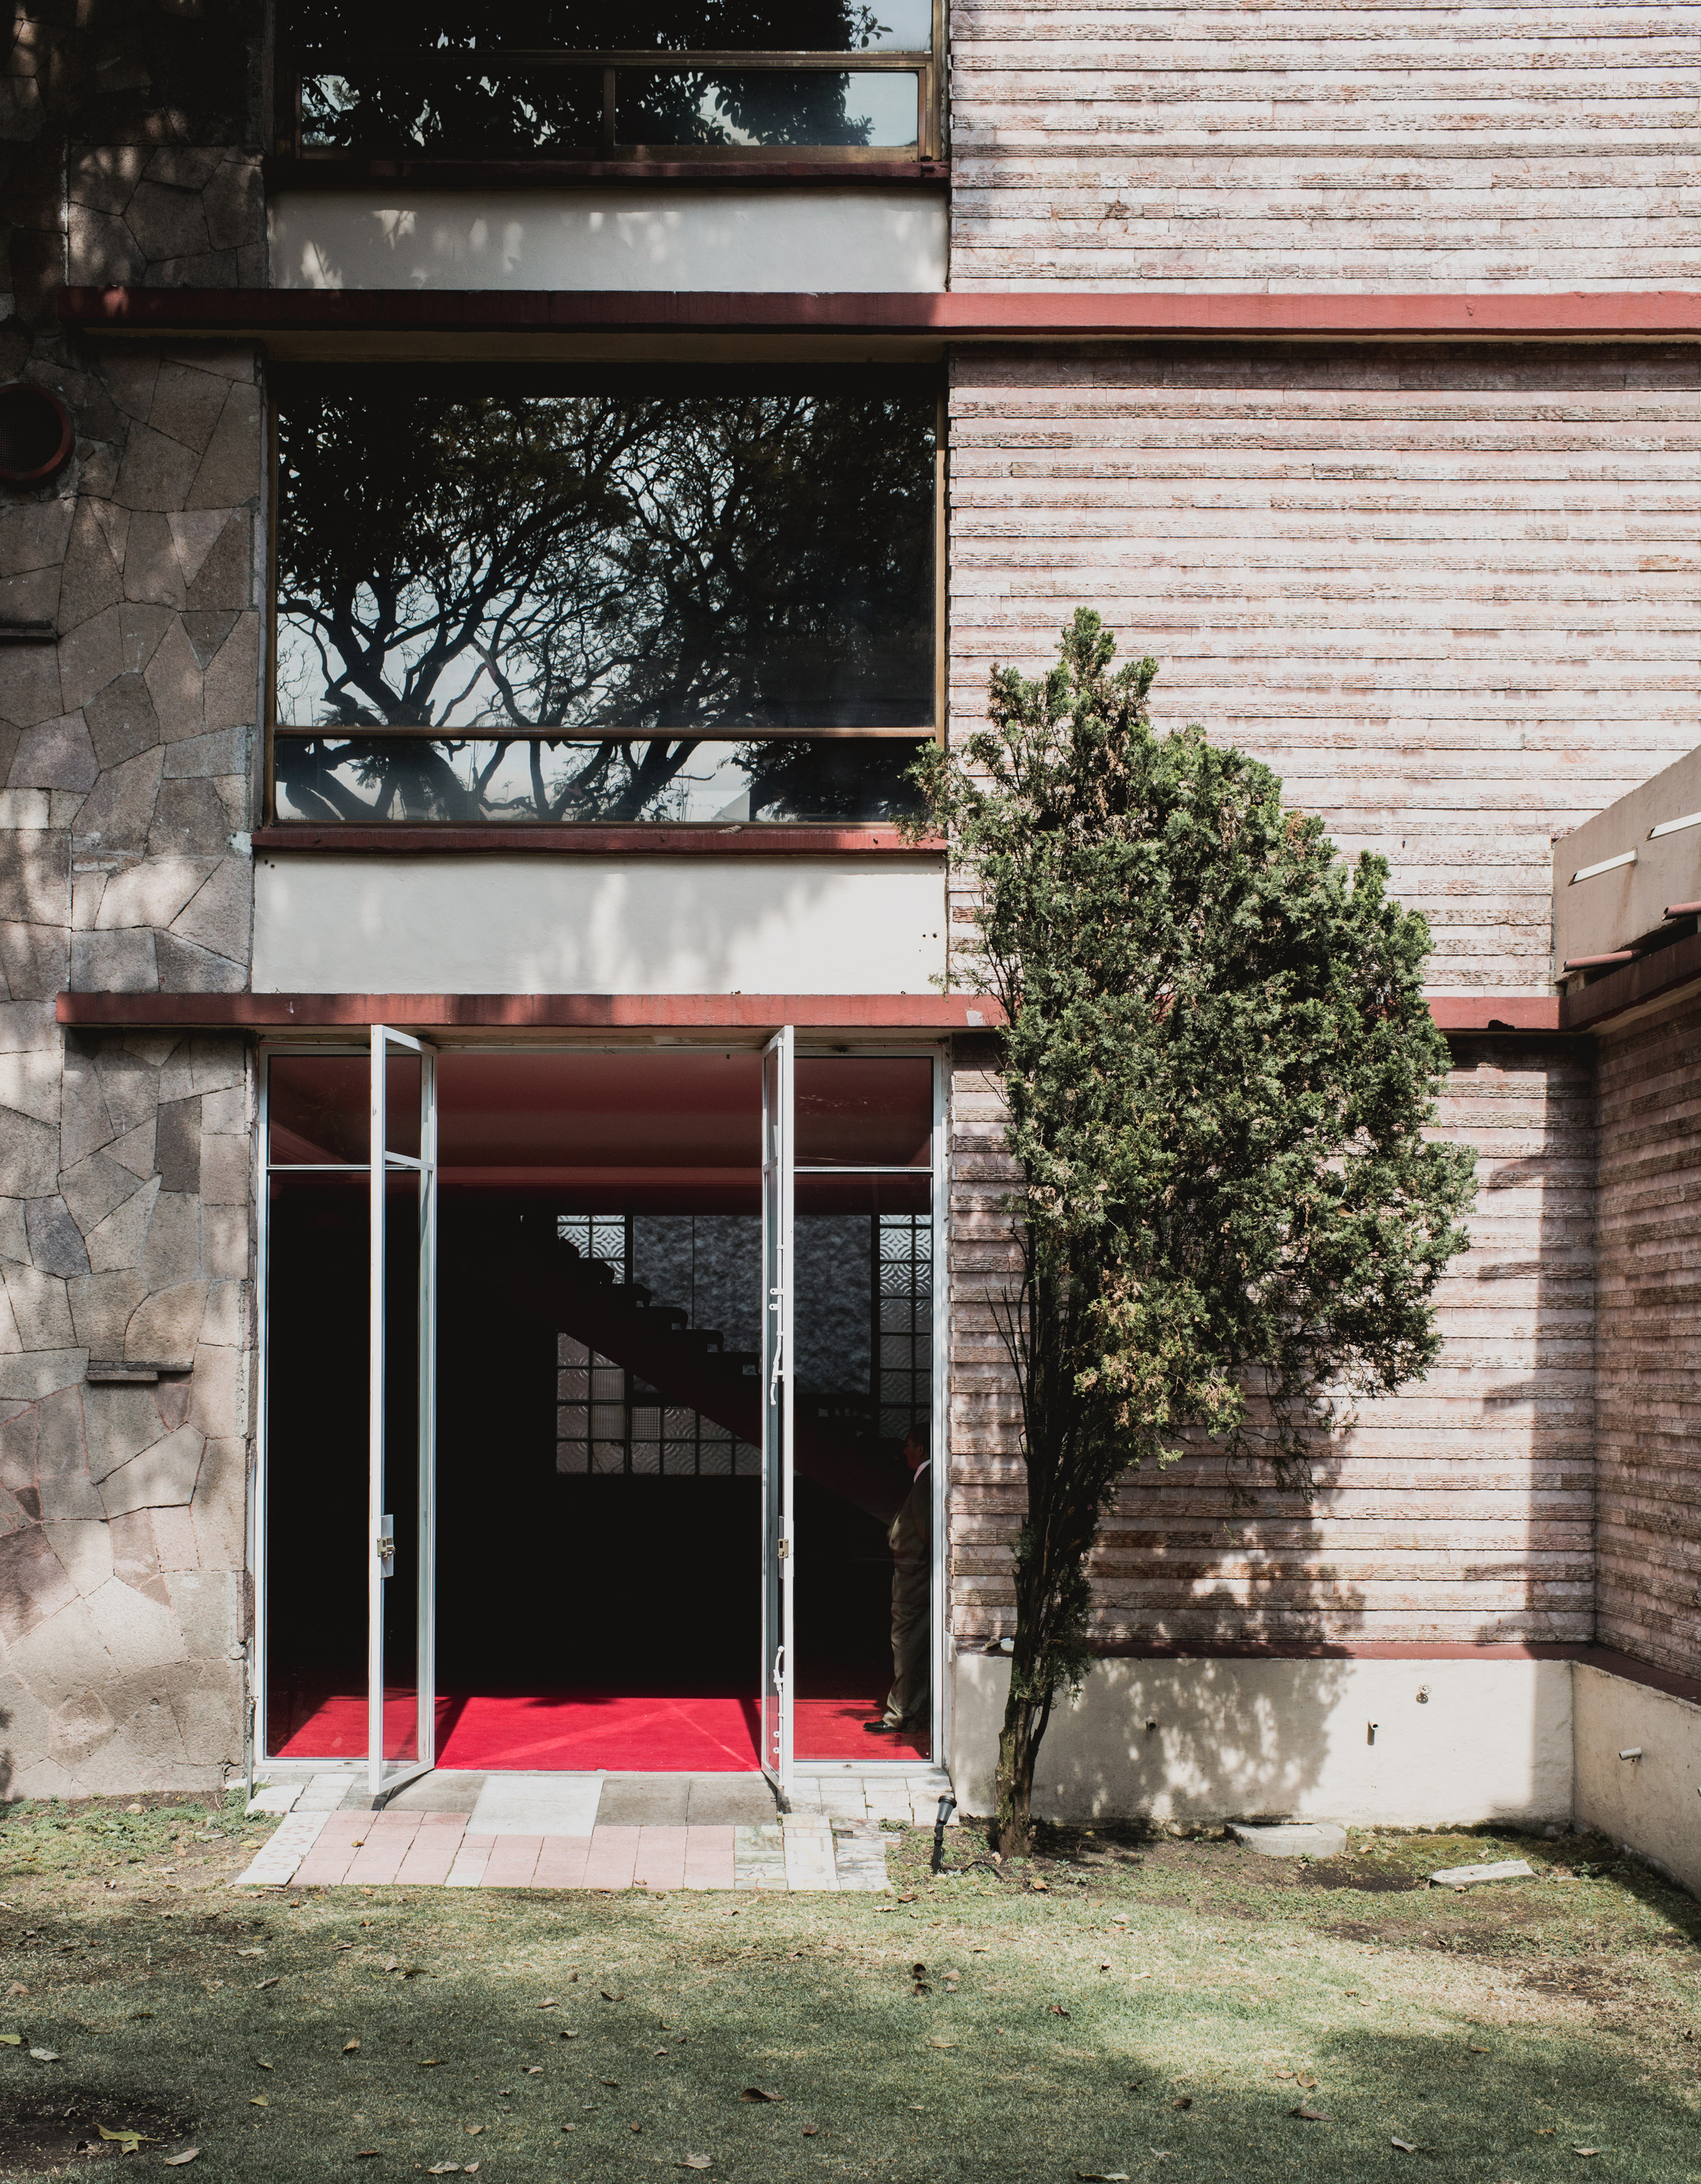 Masa gallery exhibit in Mexico City